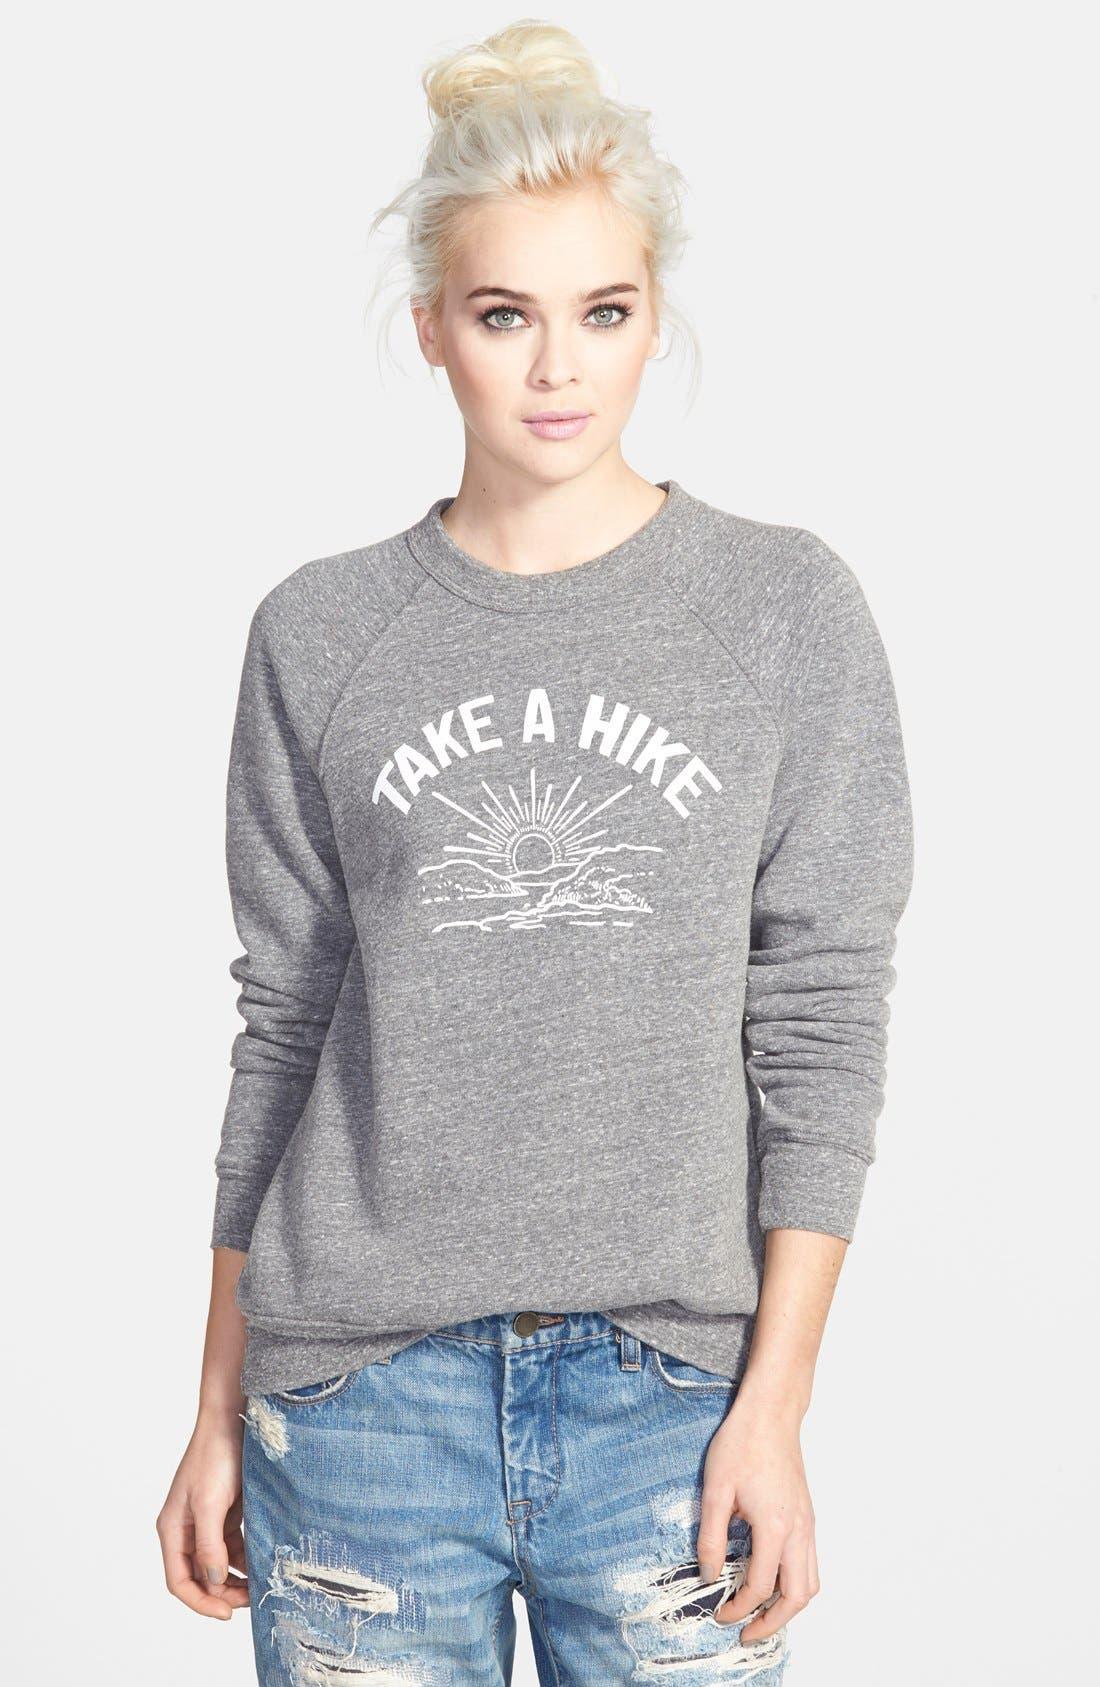 Alternate Image 1 Selected - Sub_Urban Riot 'Take a Hike' Raglan Sweatshirt